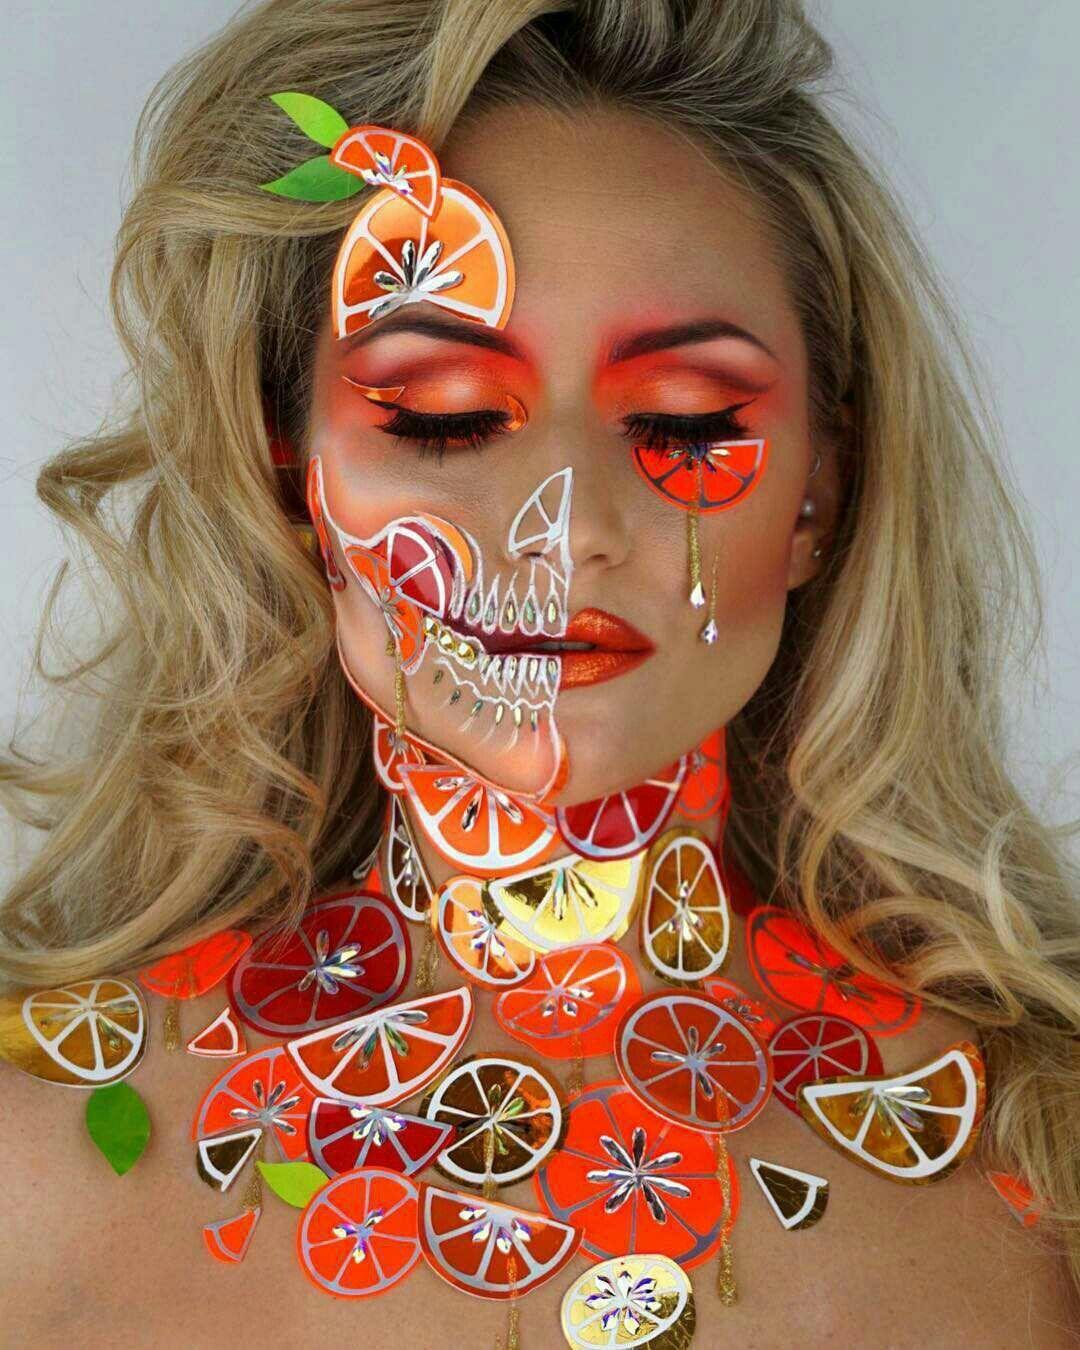 Pinterest IIIannaIII 🌹💦 Pop art makeup, Artistry makeup